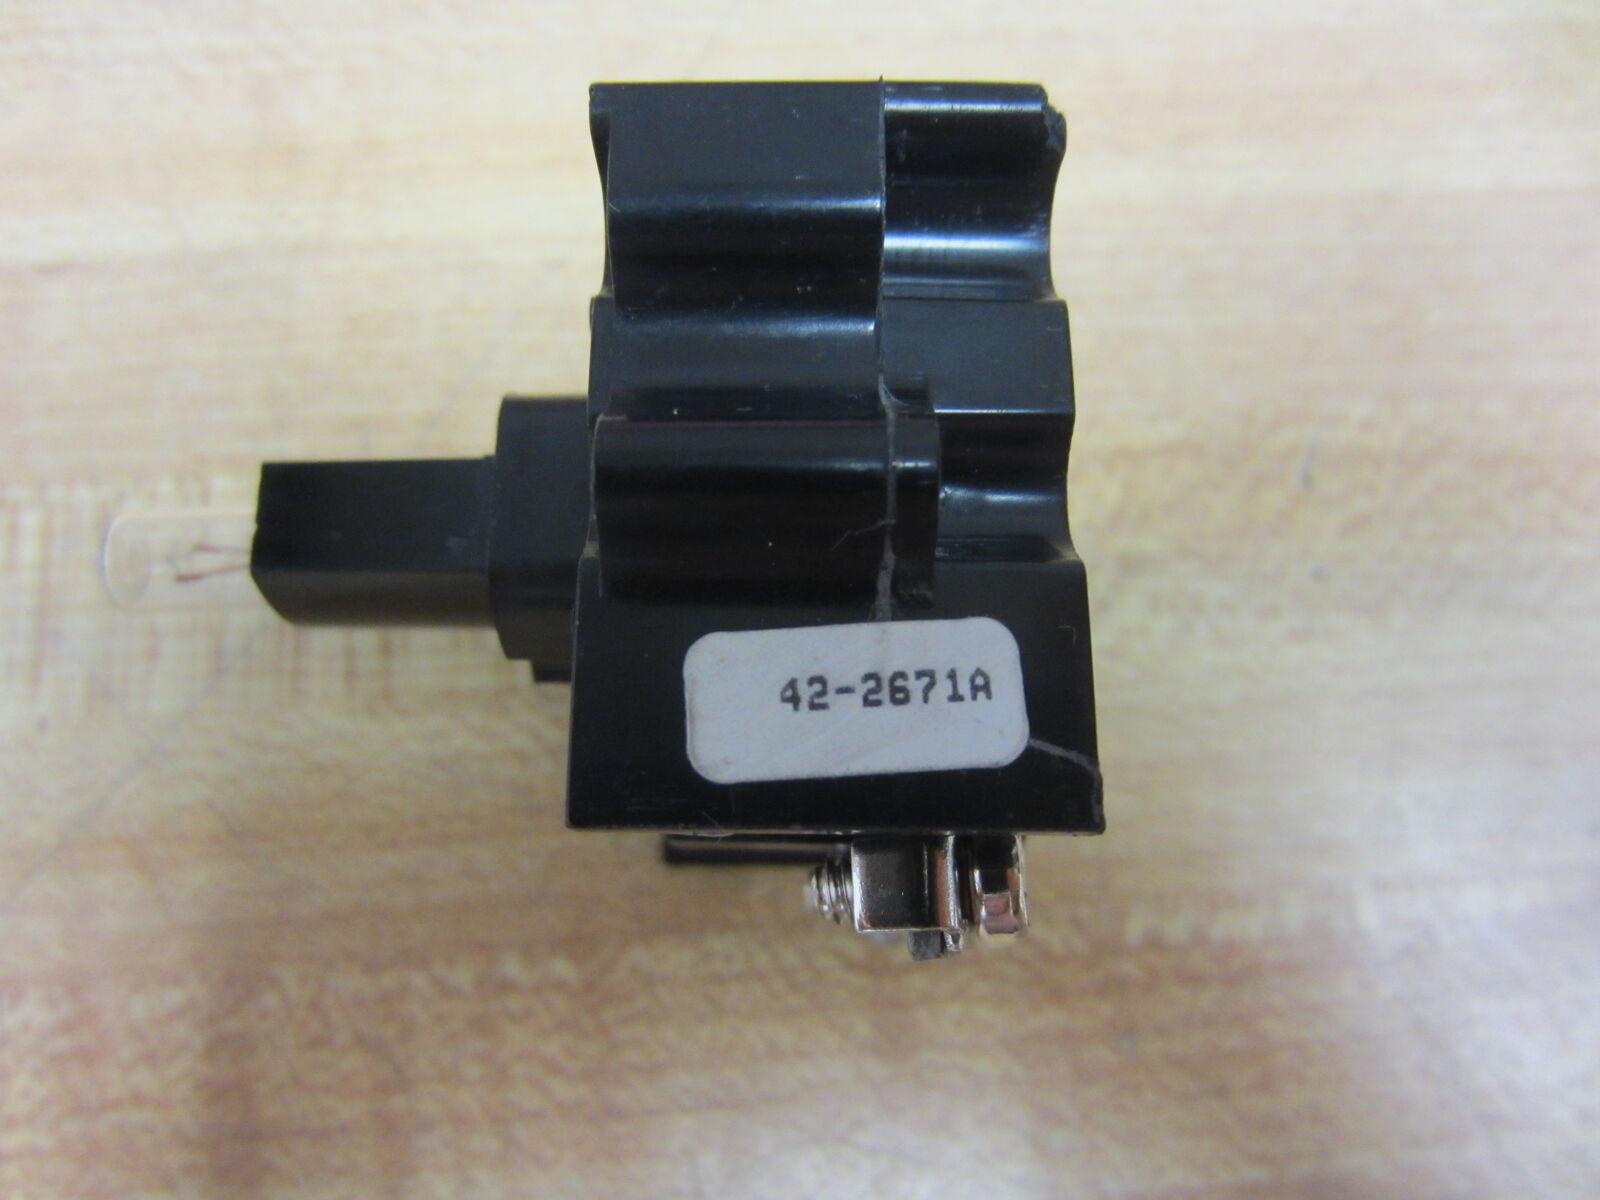 Cutler Hammer Eaton 42-2671 A unidad de 3) luz 422671 A (paquete de 3) de b66951